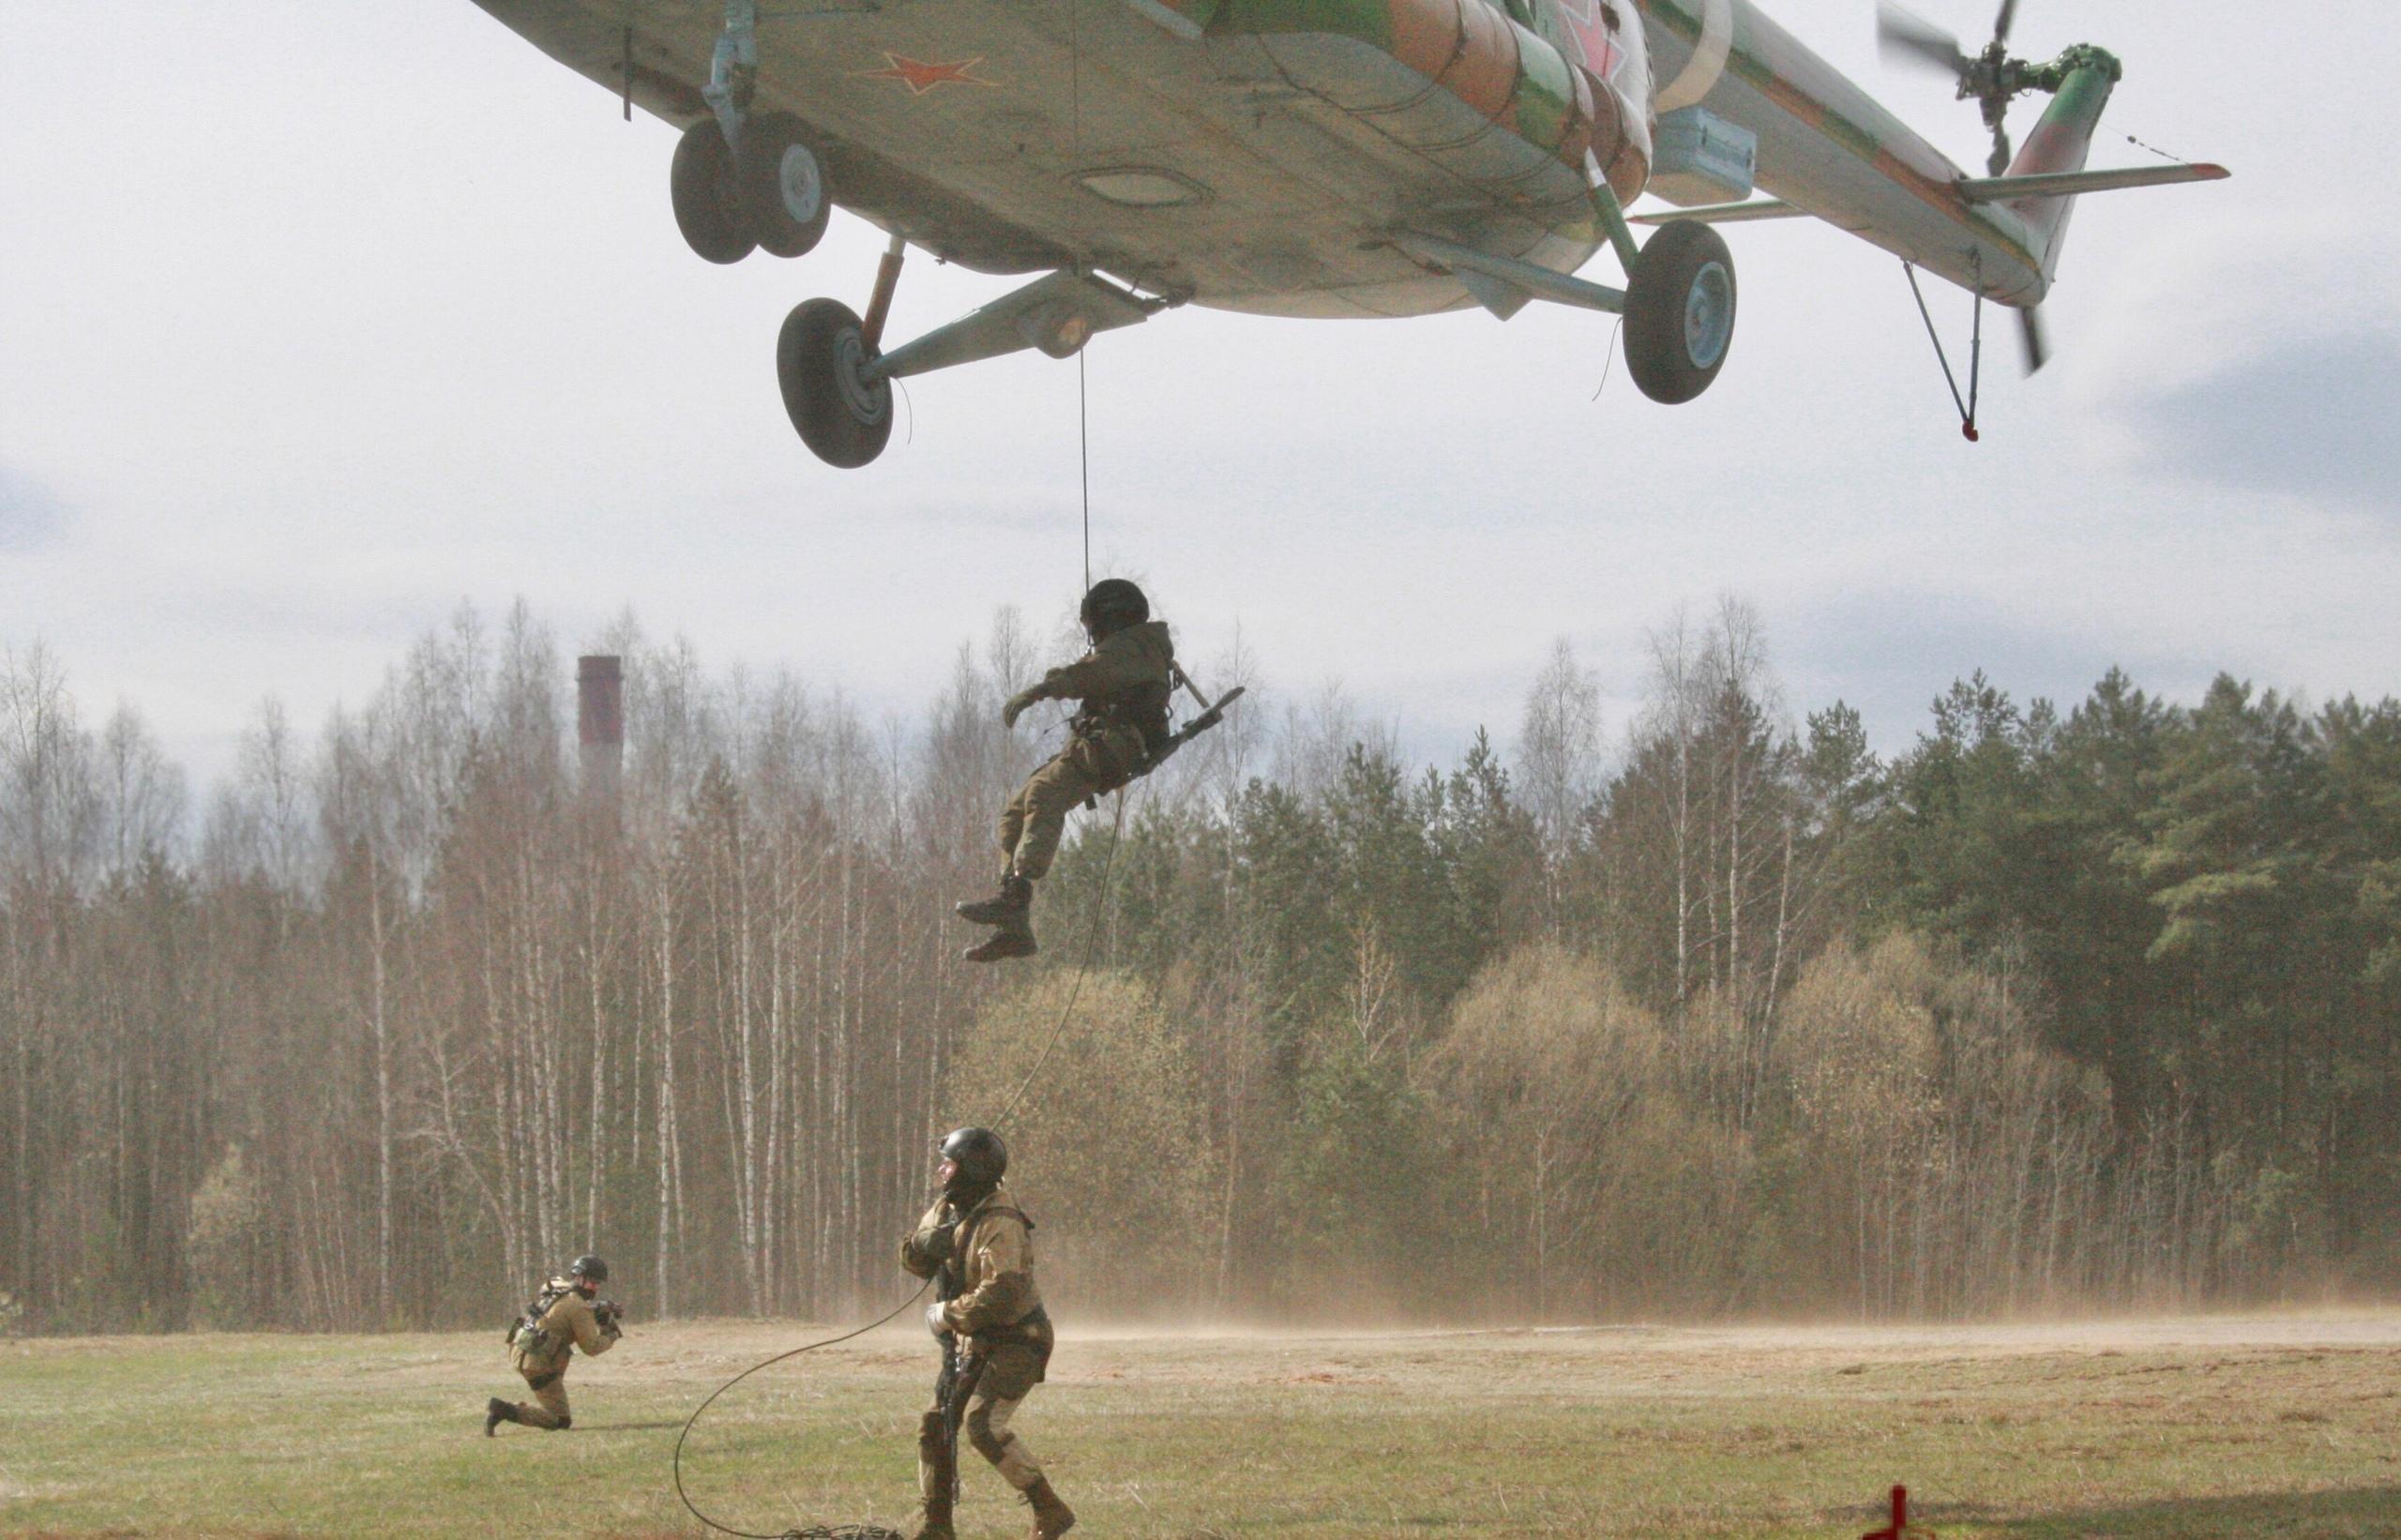 Под Тверью спецназ отрабатывал десантирование с вертолета беспарашютным способом - новости Афанасий